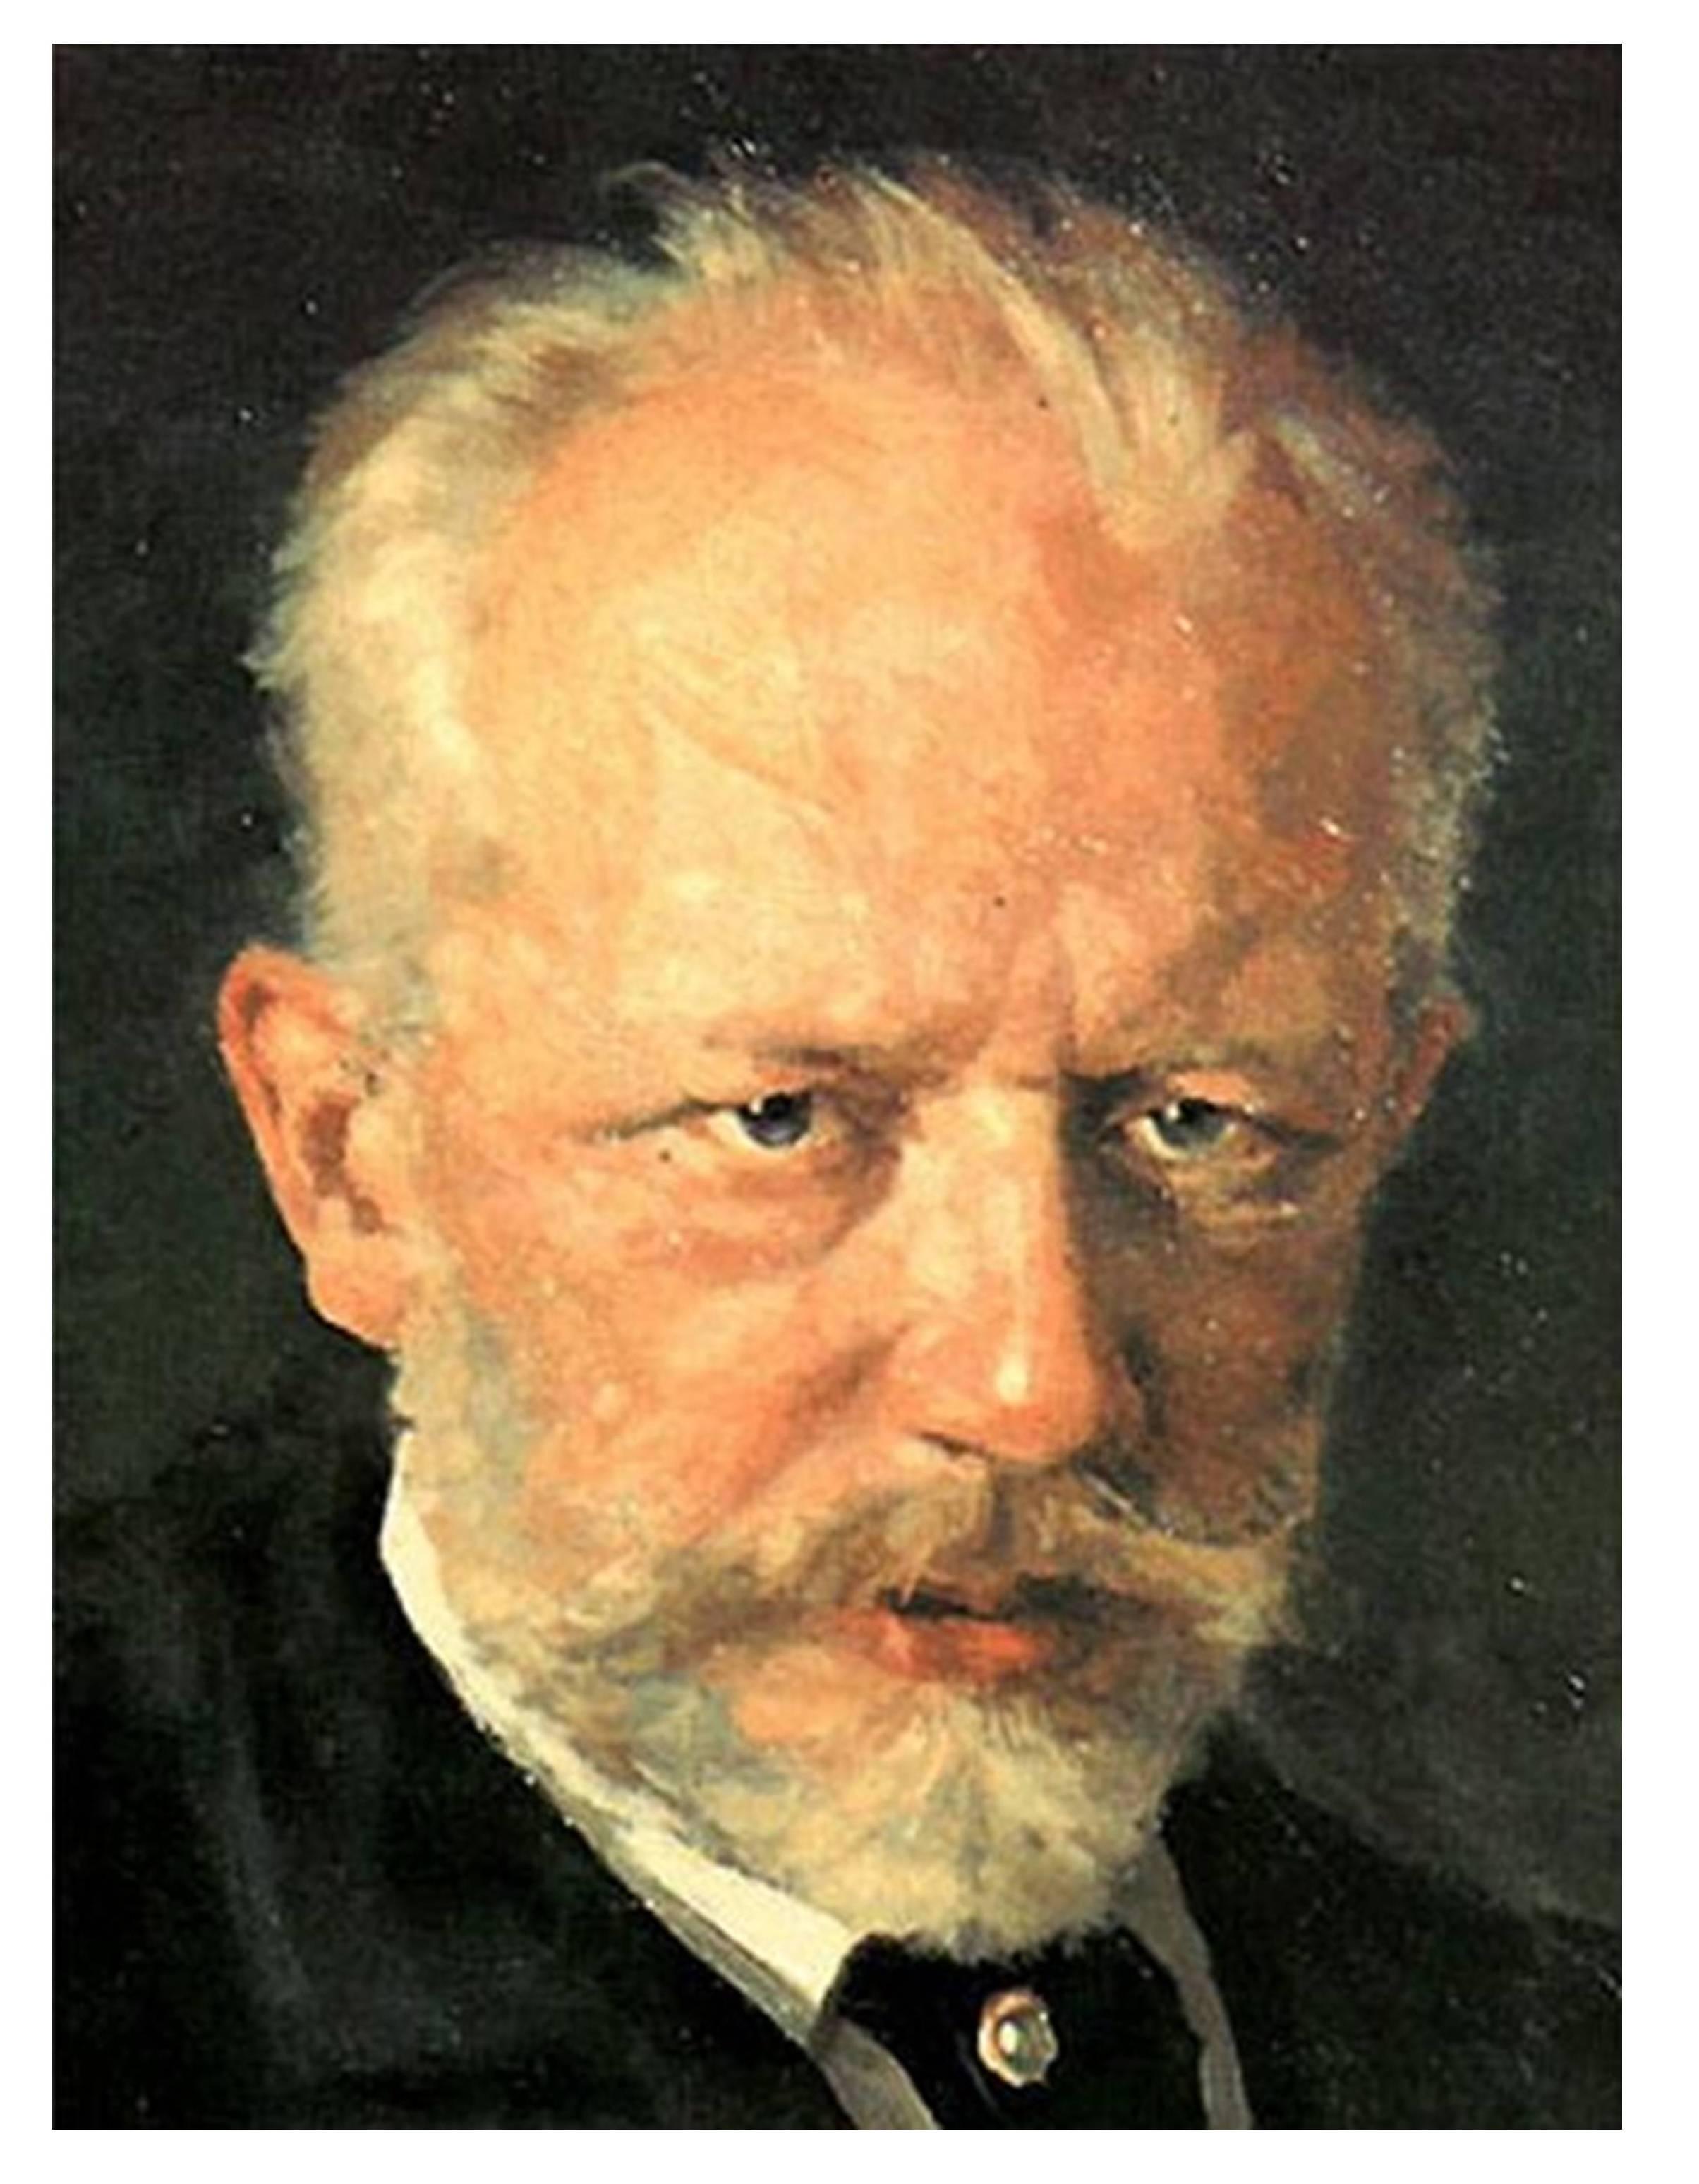 Pyotr Ilyich Tchaikovsky Tchaikovsky - Seiji Ozawa - Symphony No. 5 1812 Overture